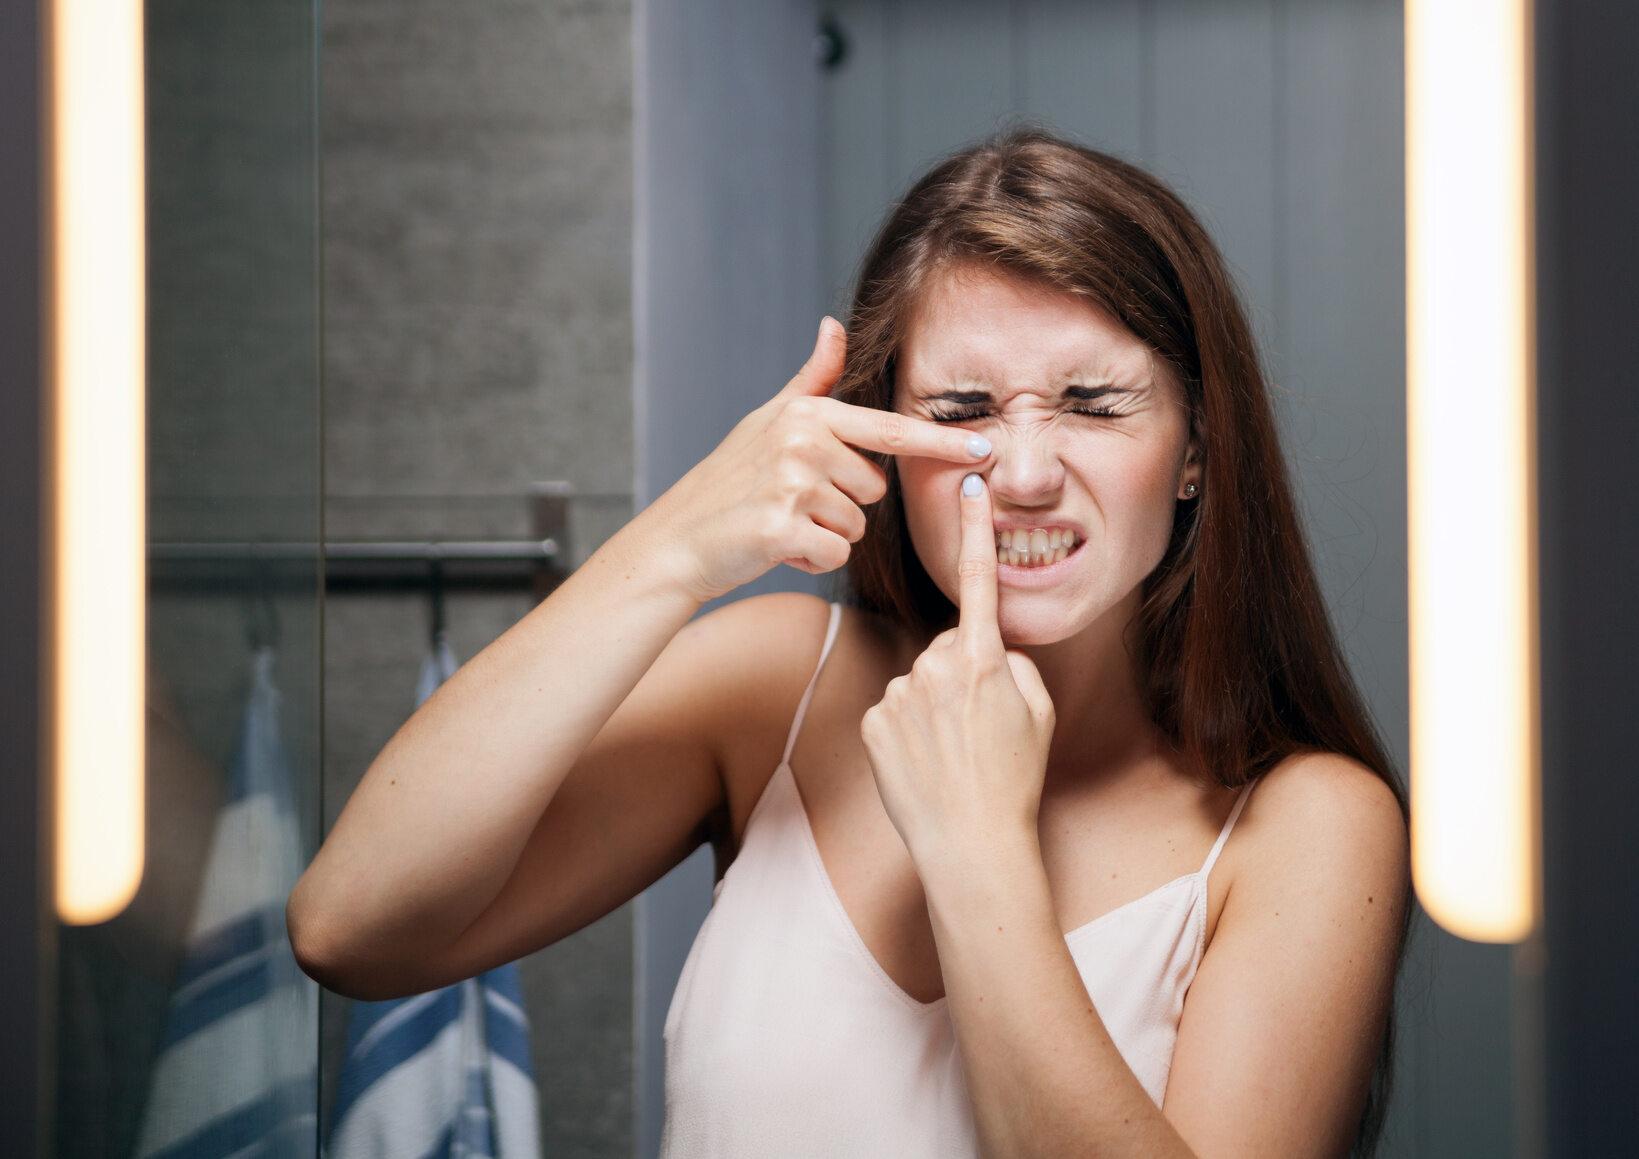 Dziewczyna zmagająca się z niedoskonałościami twarzy (zdj. ilustracyjne)